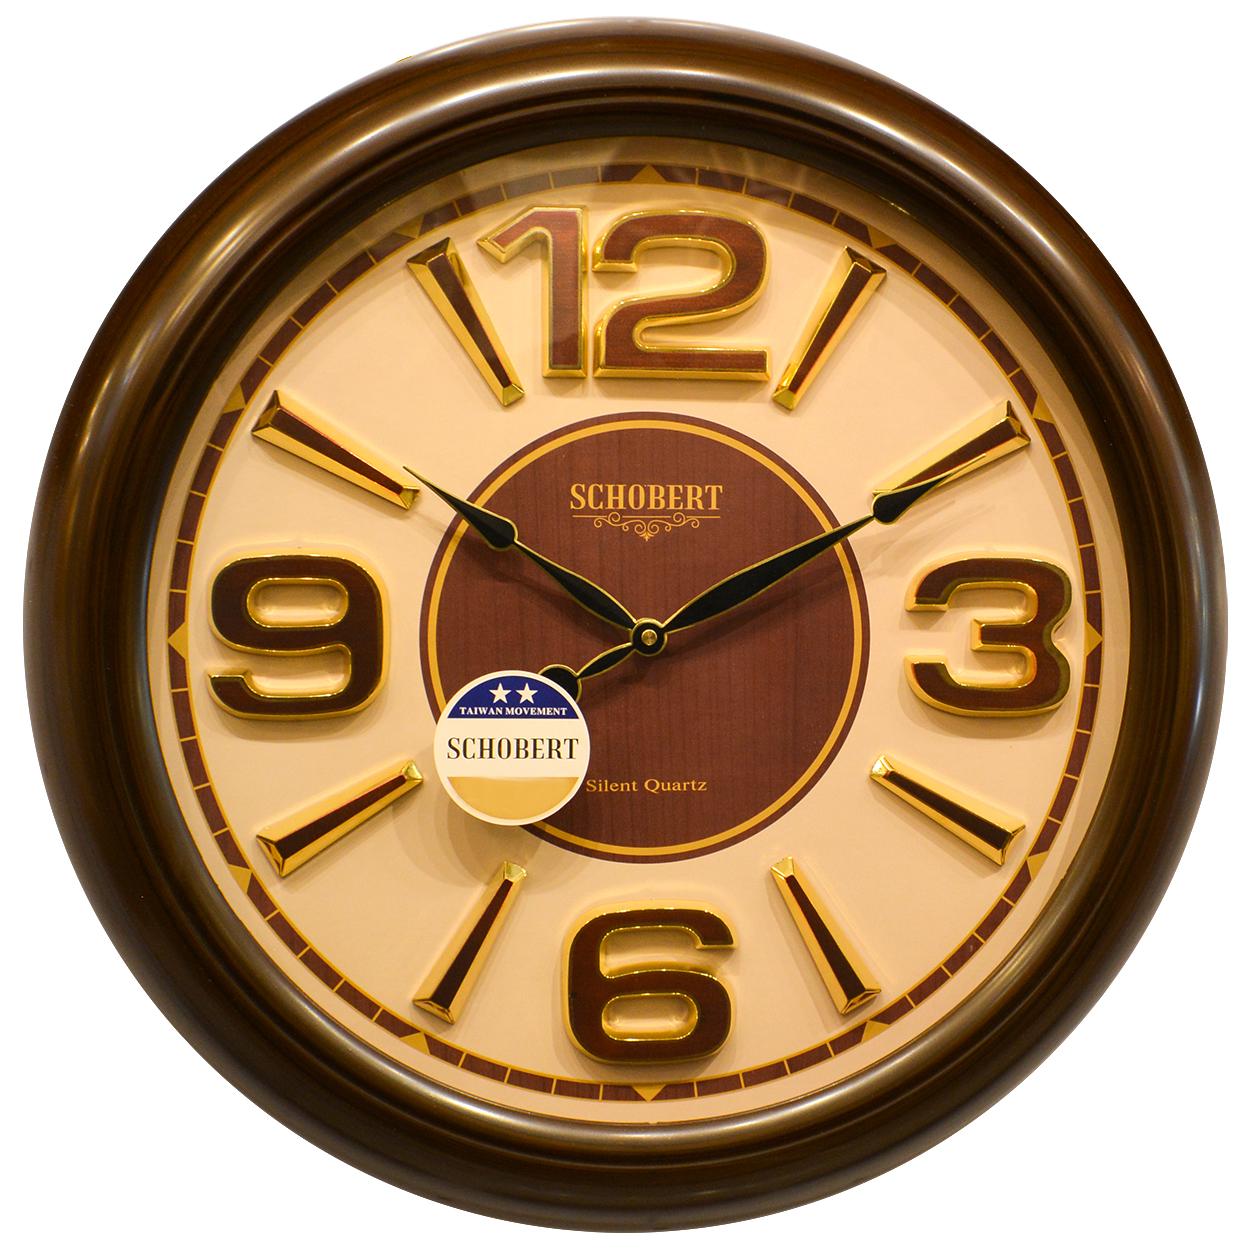 راهنمای خرید ساعت دیواری شوبرت مدل 5230 لیست قیمت